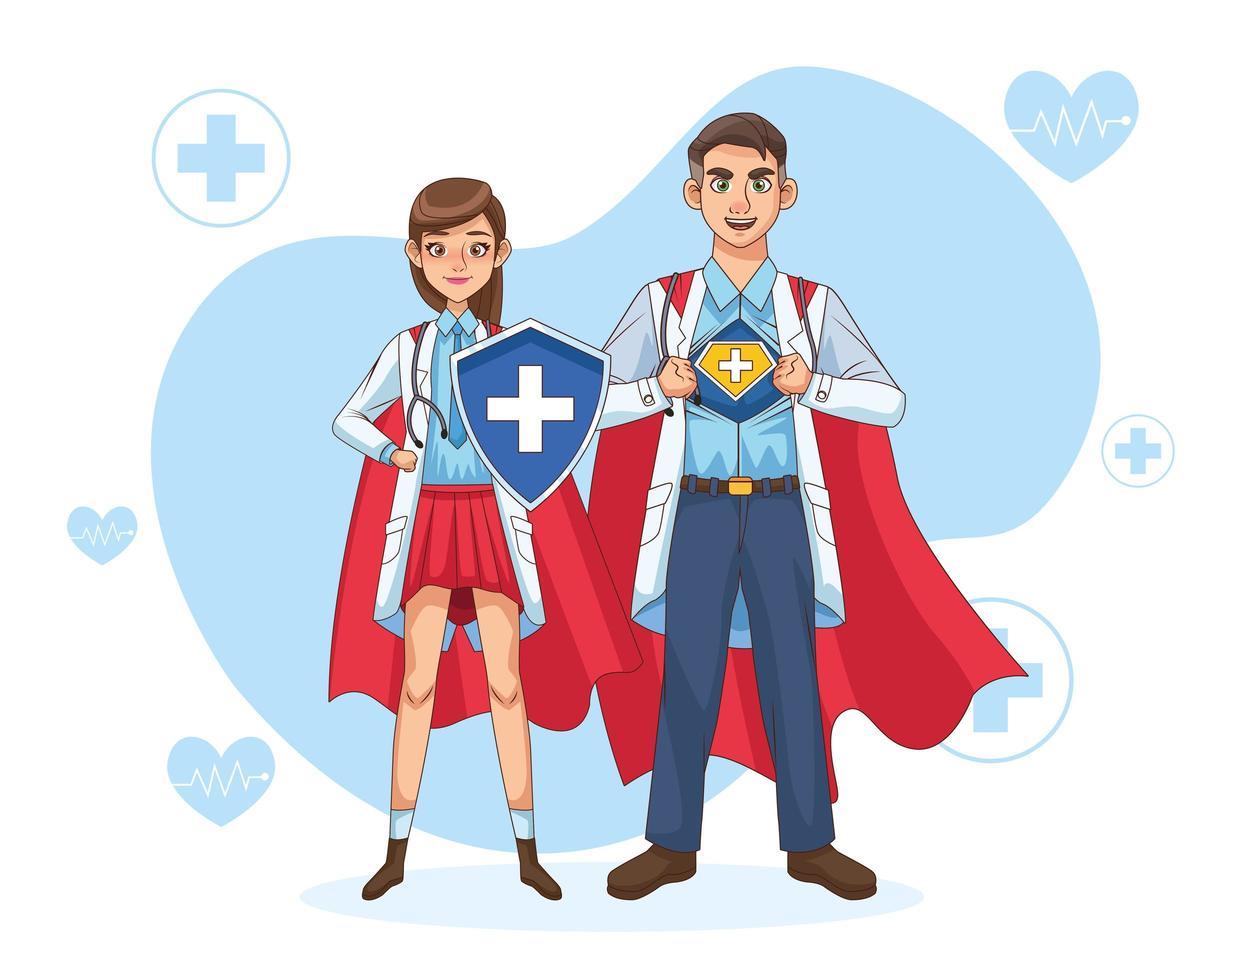 médicos con capa de héroe y escudo. vector